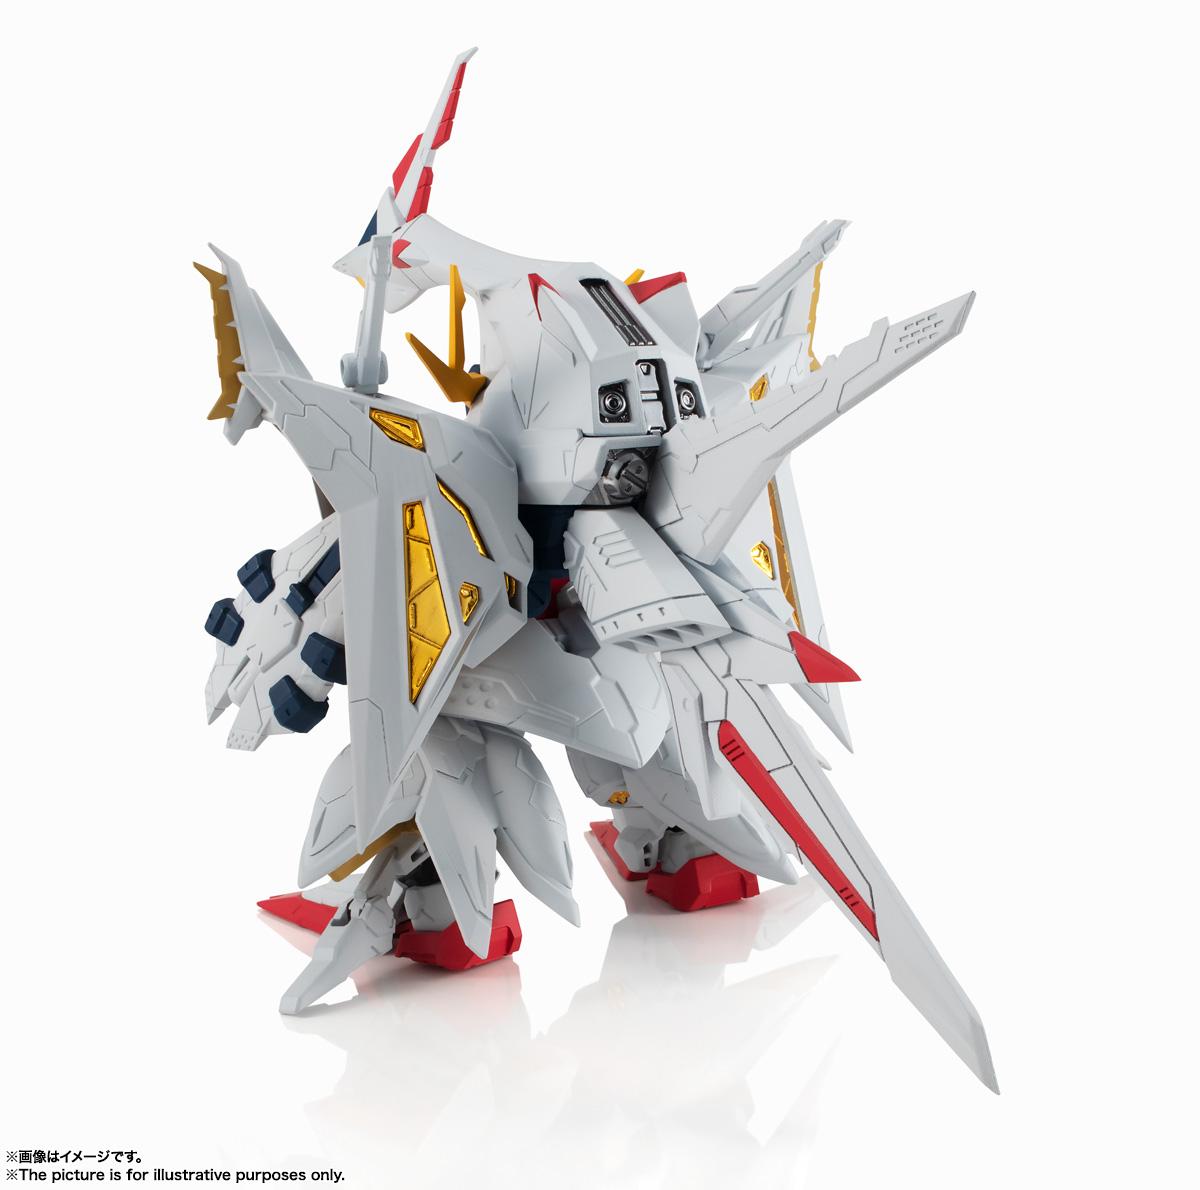 NXEDGE STYLE[MS UNIT]『Ξガンダム』機動戦士ガンダム 閃光のハサウェイ デフォルメ可動フィギュア-011